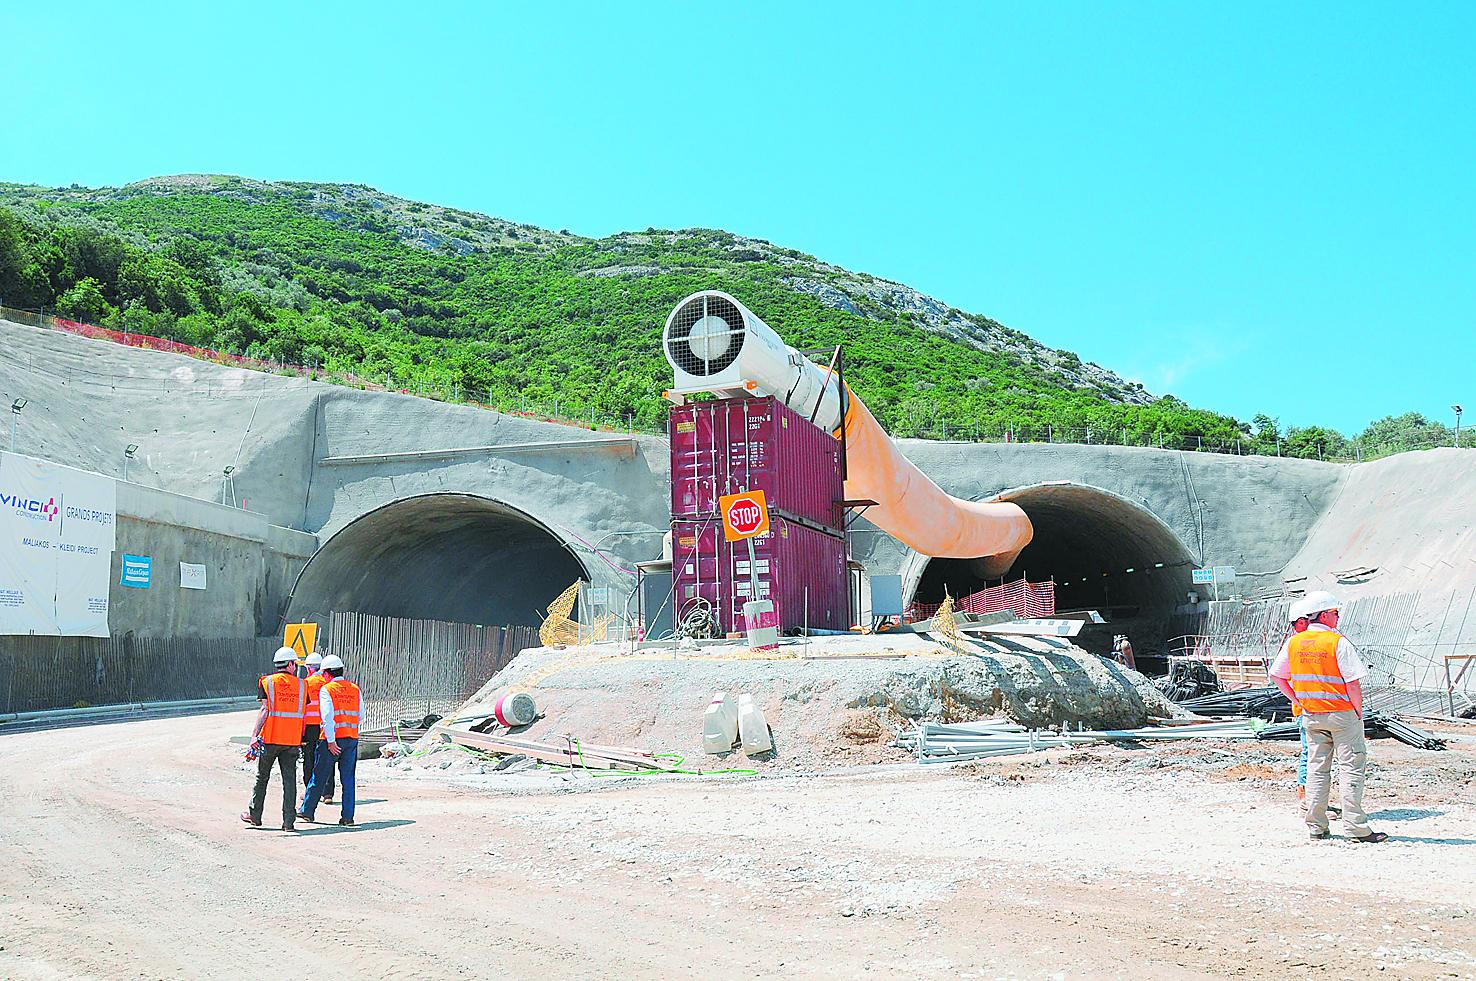 Η κατασκευή των μεγάλων έργων προτεραιότητα για την κυβέρνηση | tovima.gr